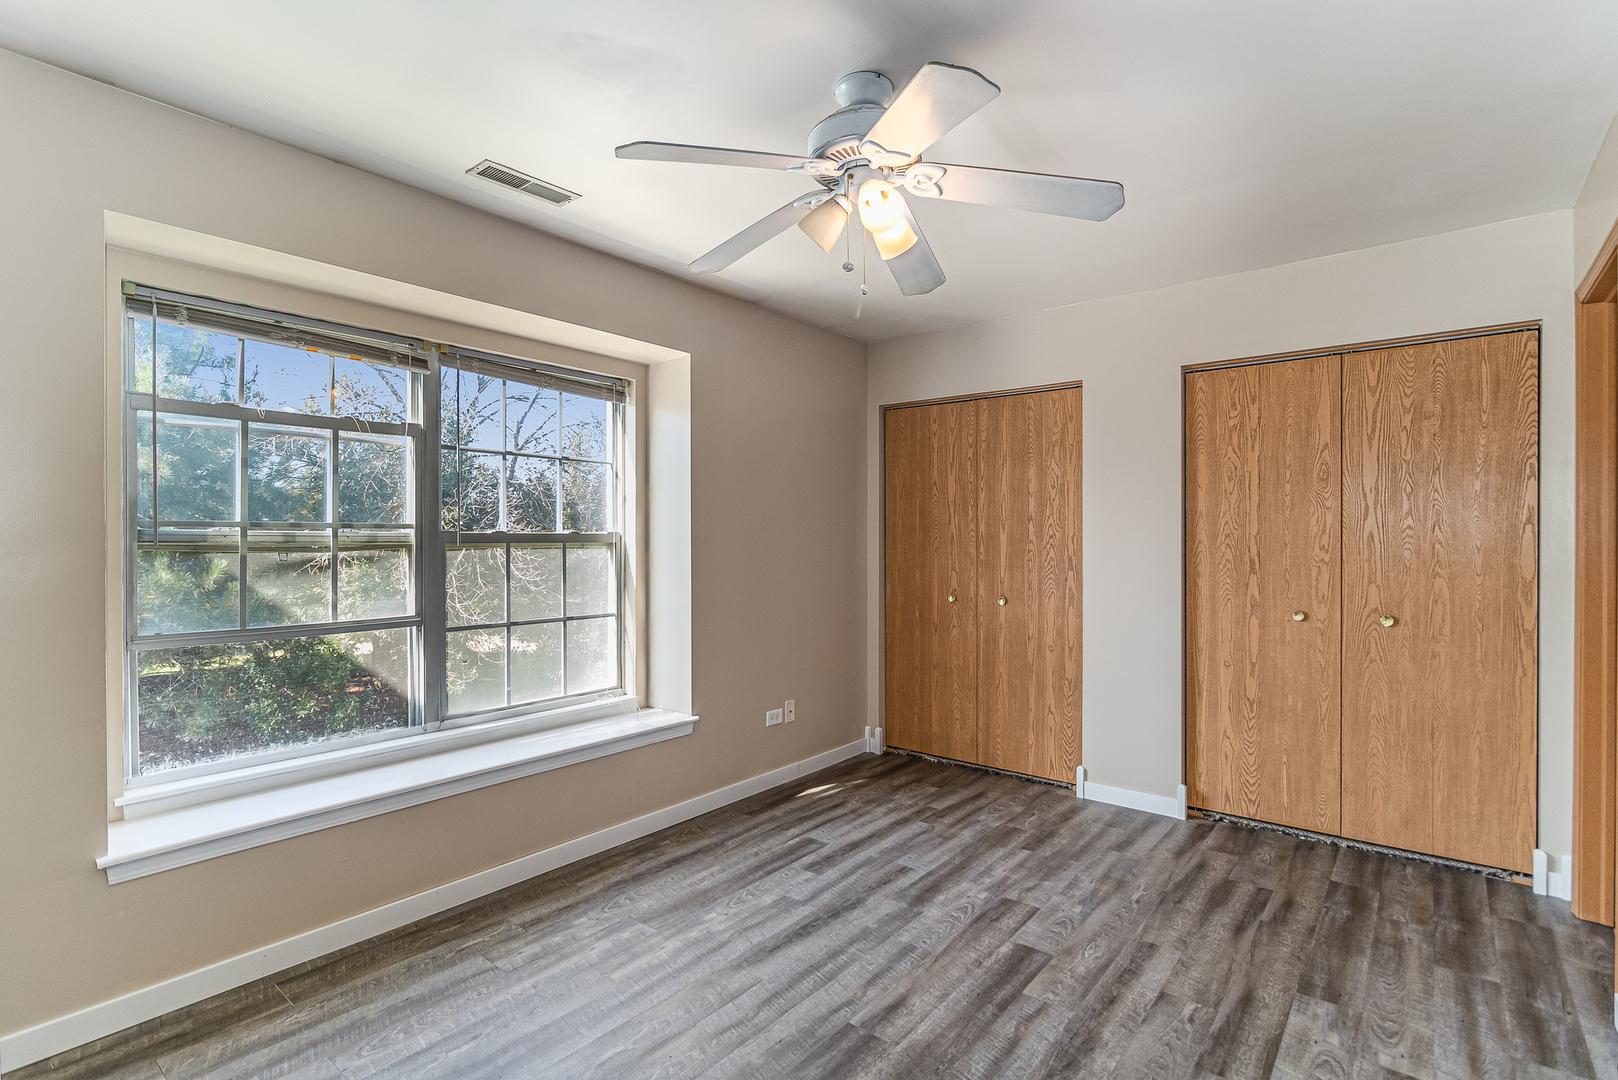 1840 Tanager 0, Joliet, Illinois, 60435